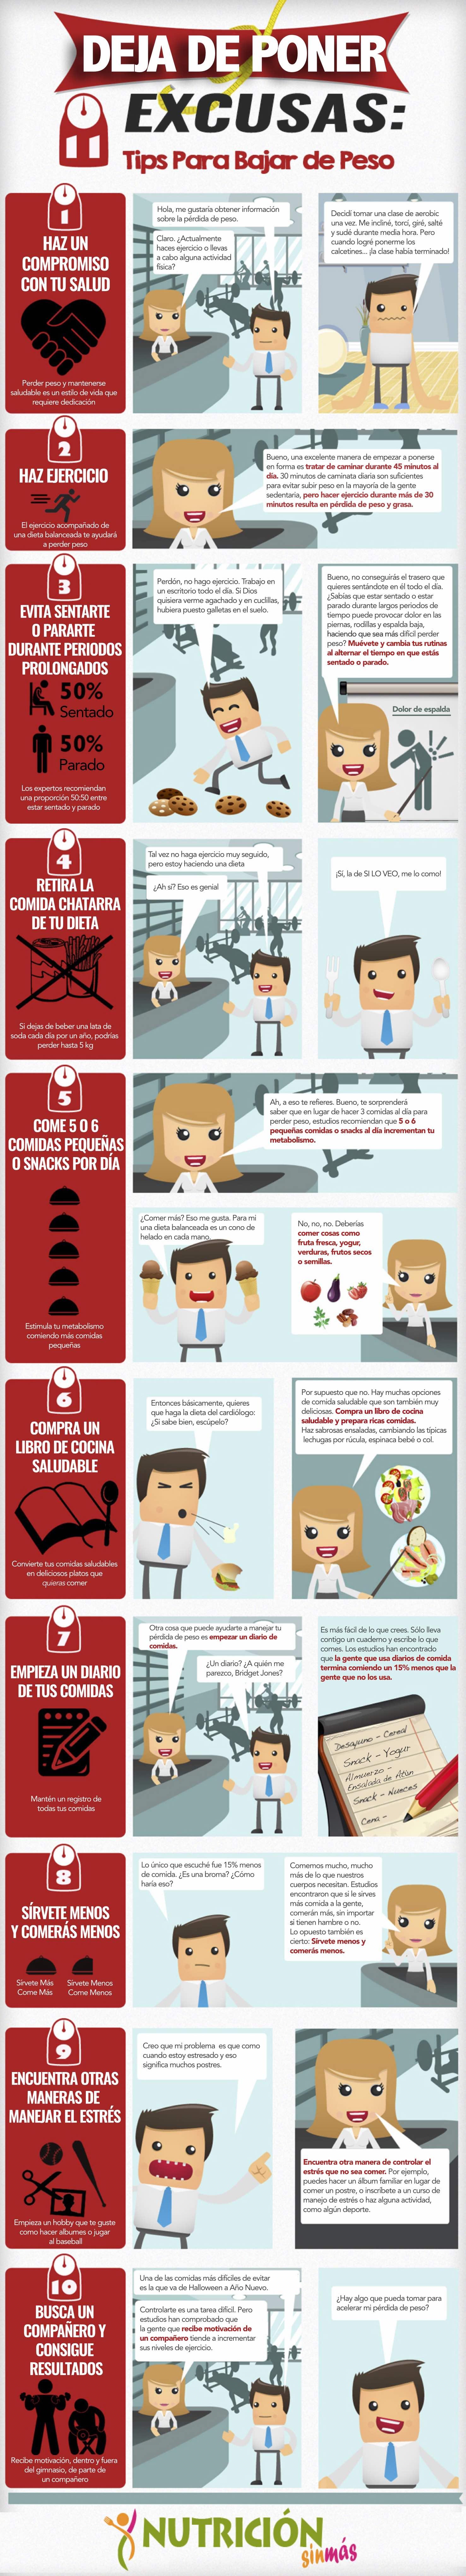 Cómo bajar de peso sanamente